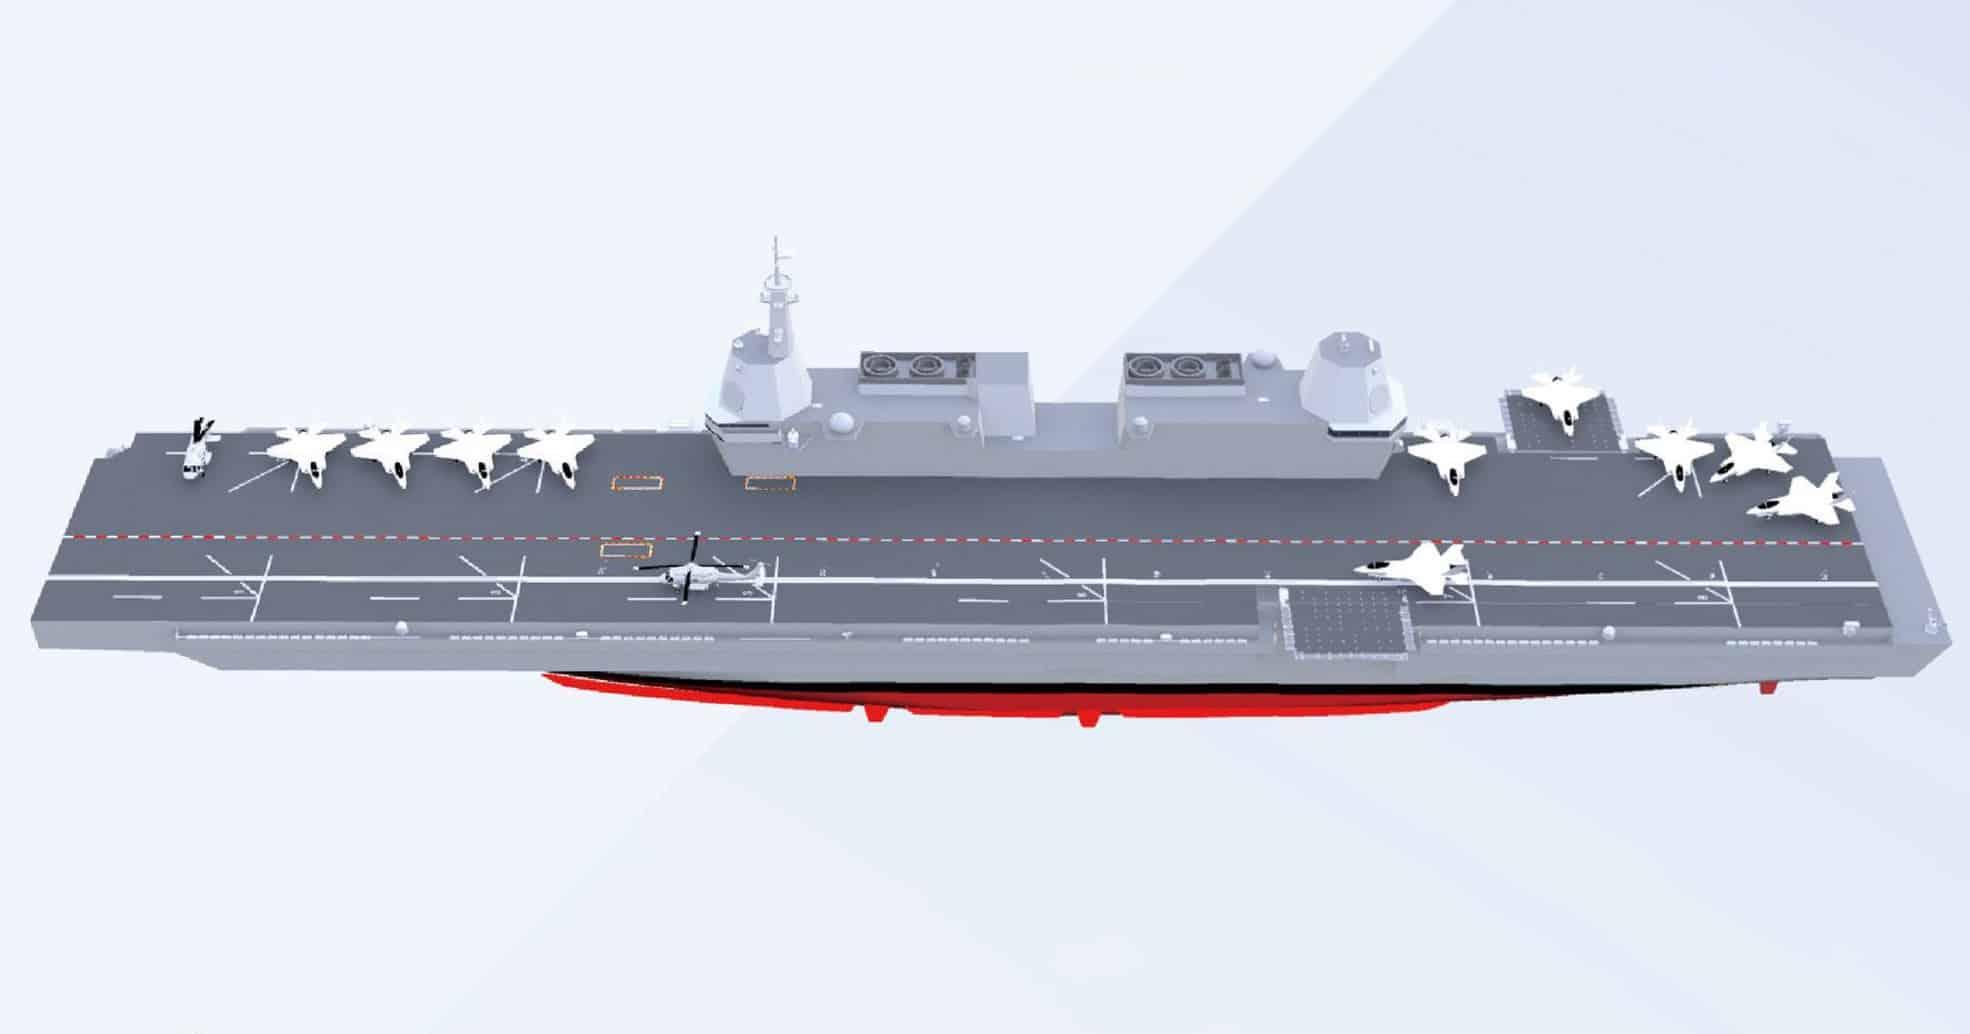 Ілюстрація перспективного авіаносця LPX-II Республіки Корея